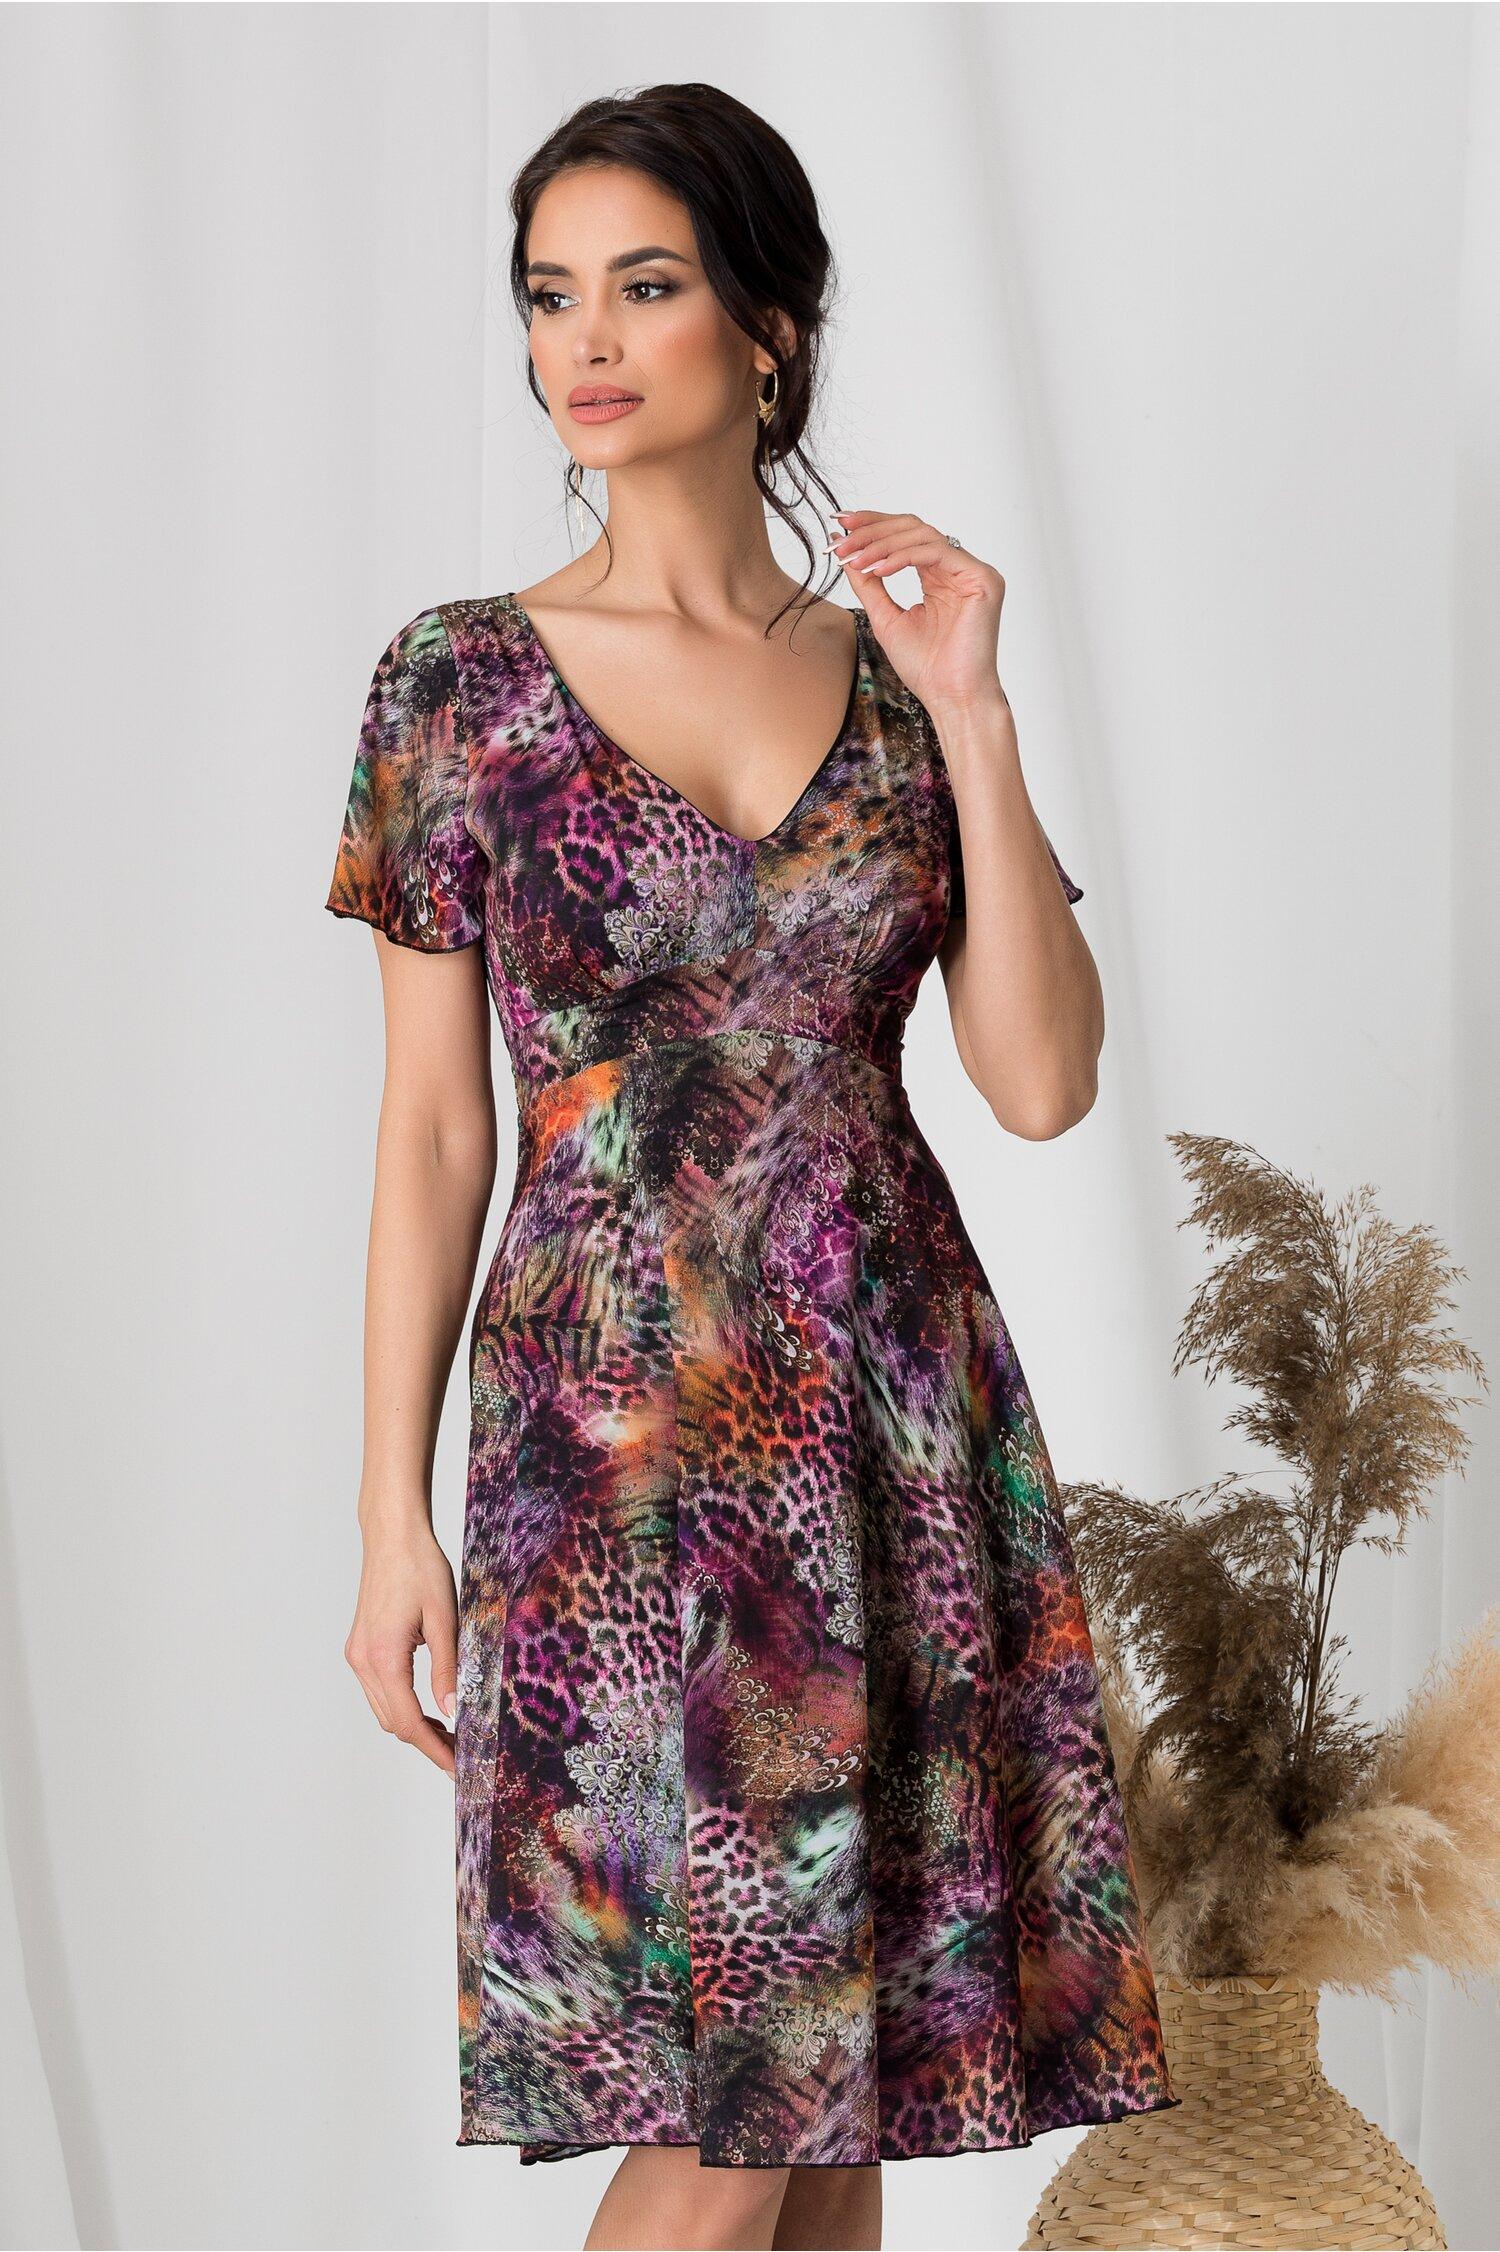 Rochie Amelia in nuante de violet cu animal print